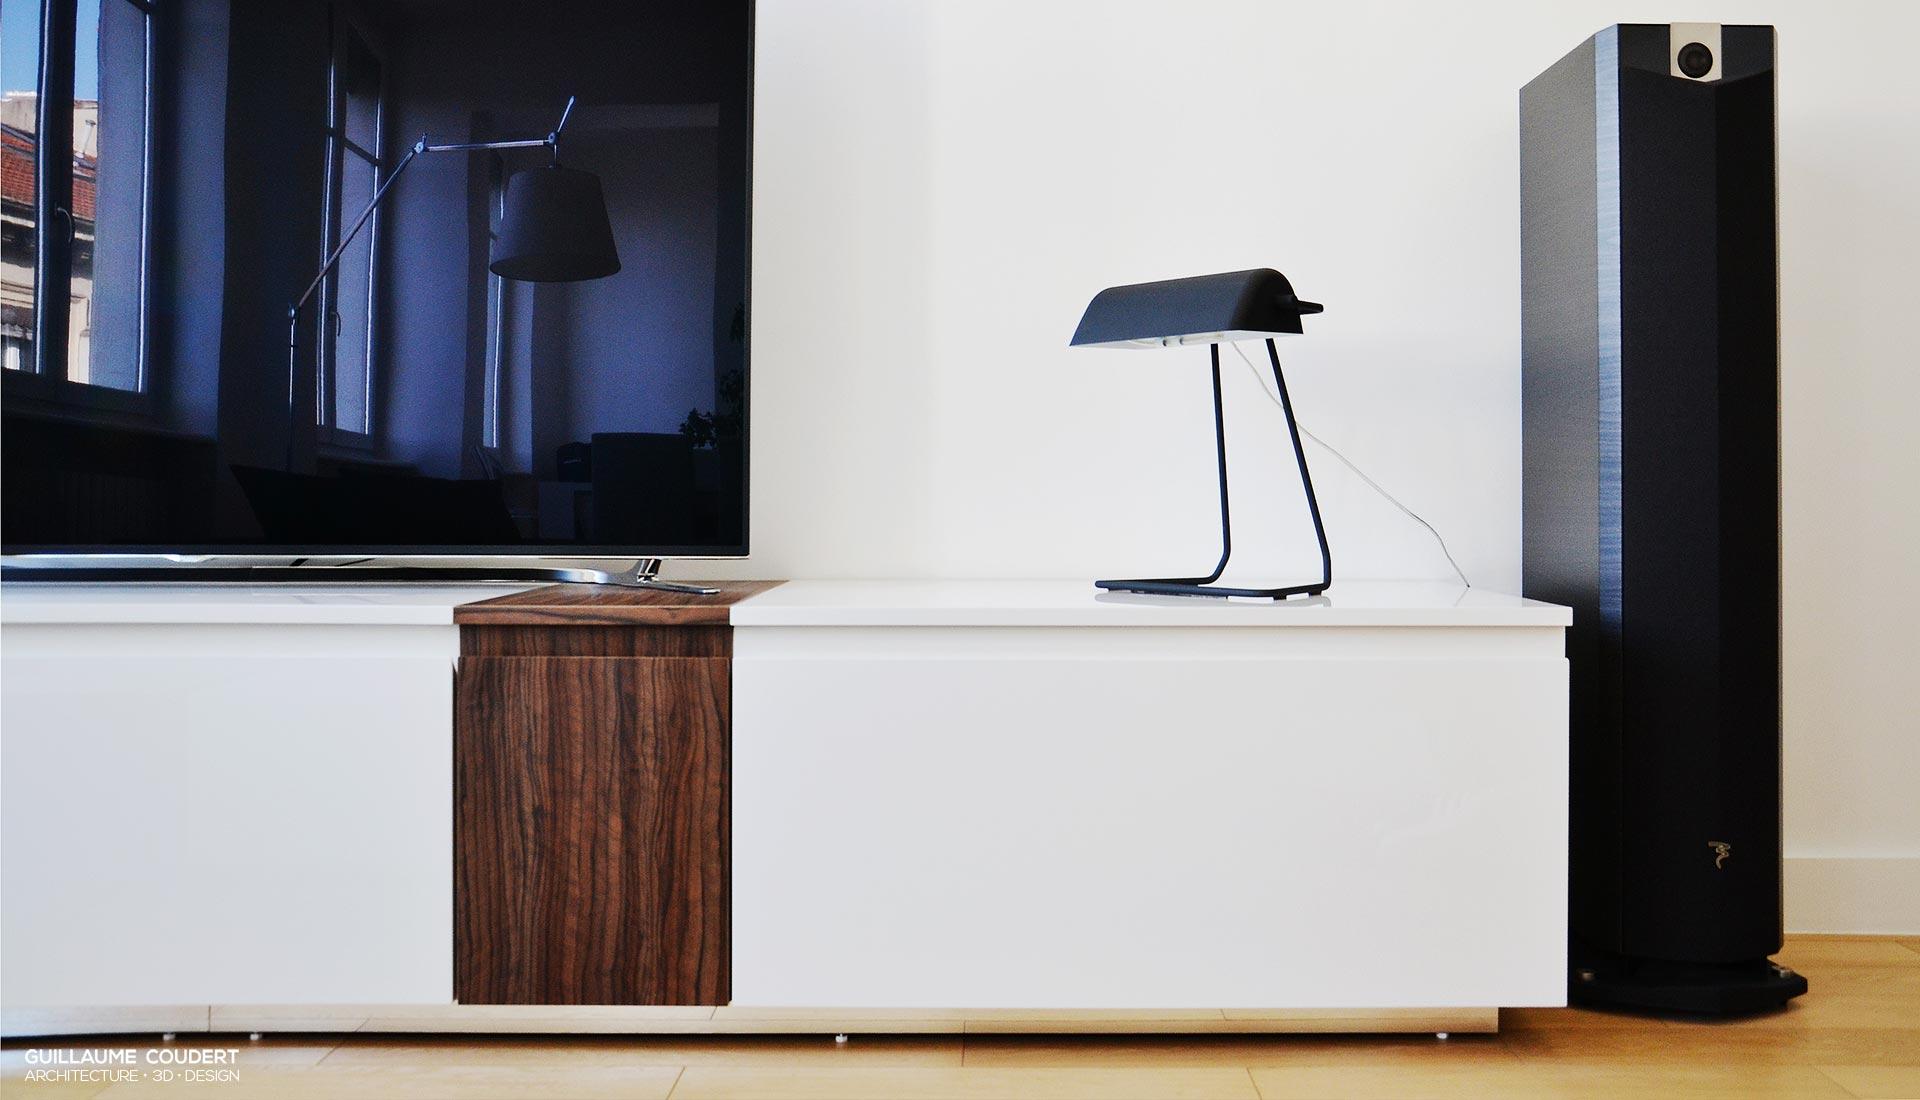 Meuble Tv Guillaume Coudert Architecture D Int Rieur # Meuble Tv Lyon